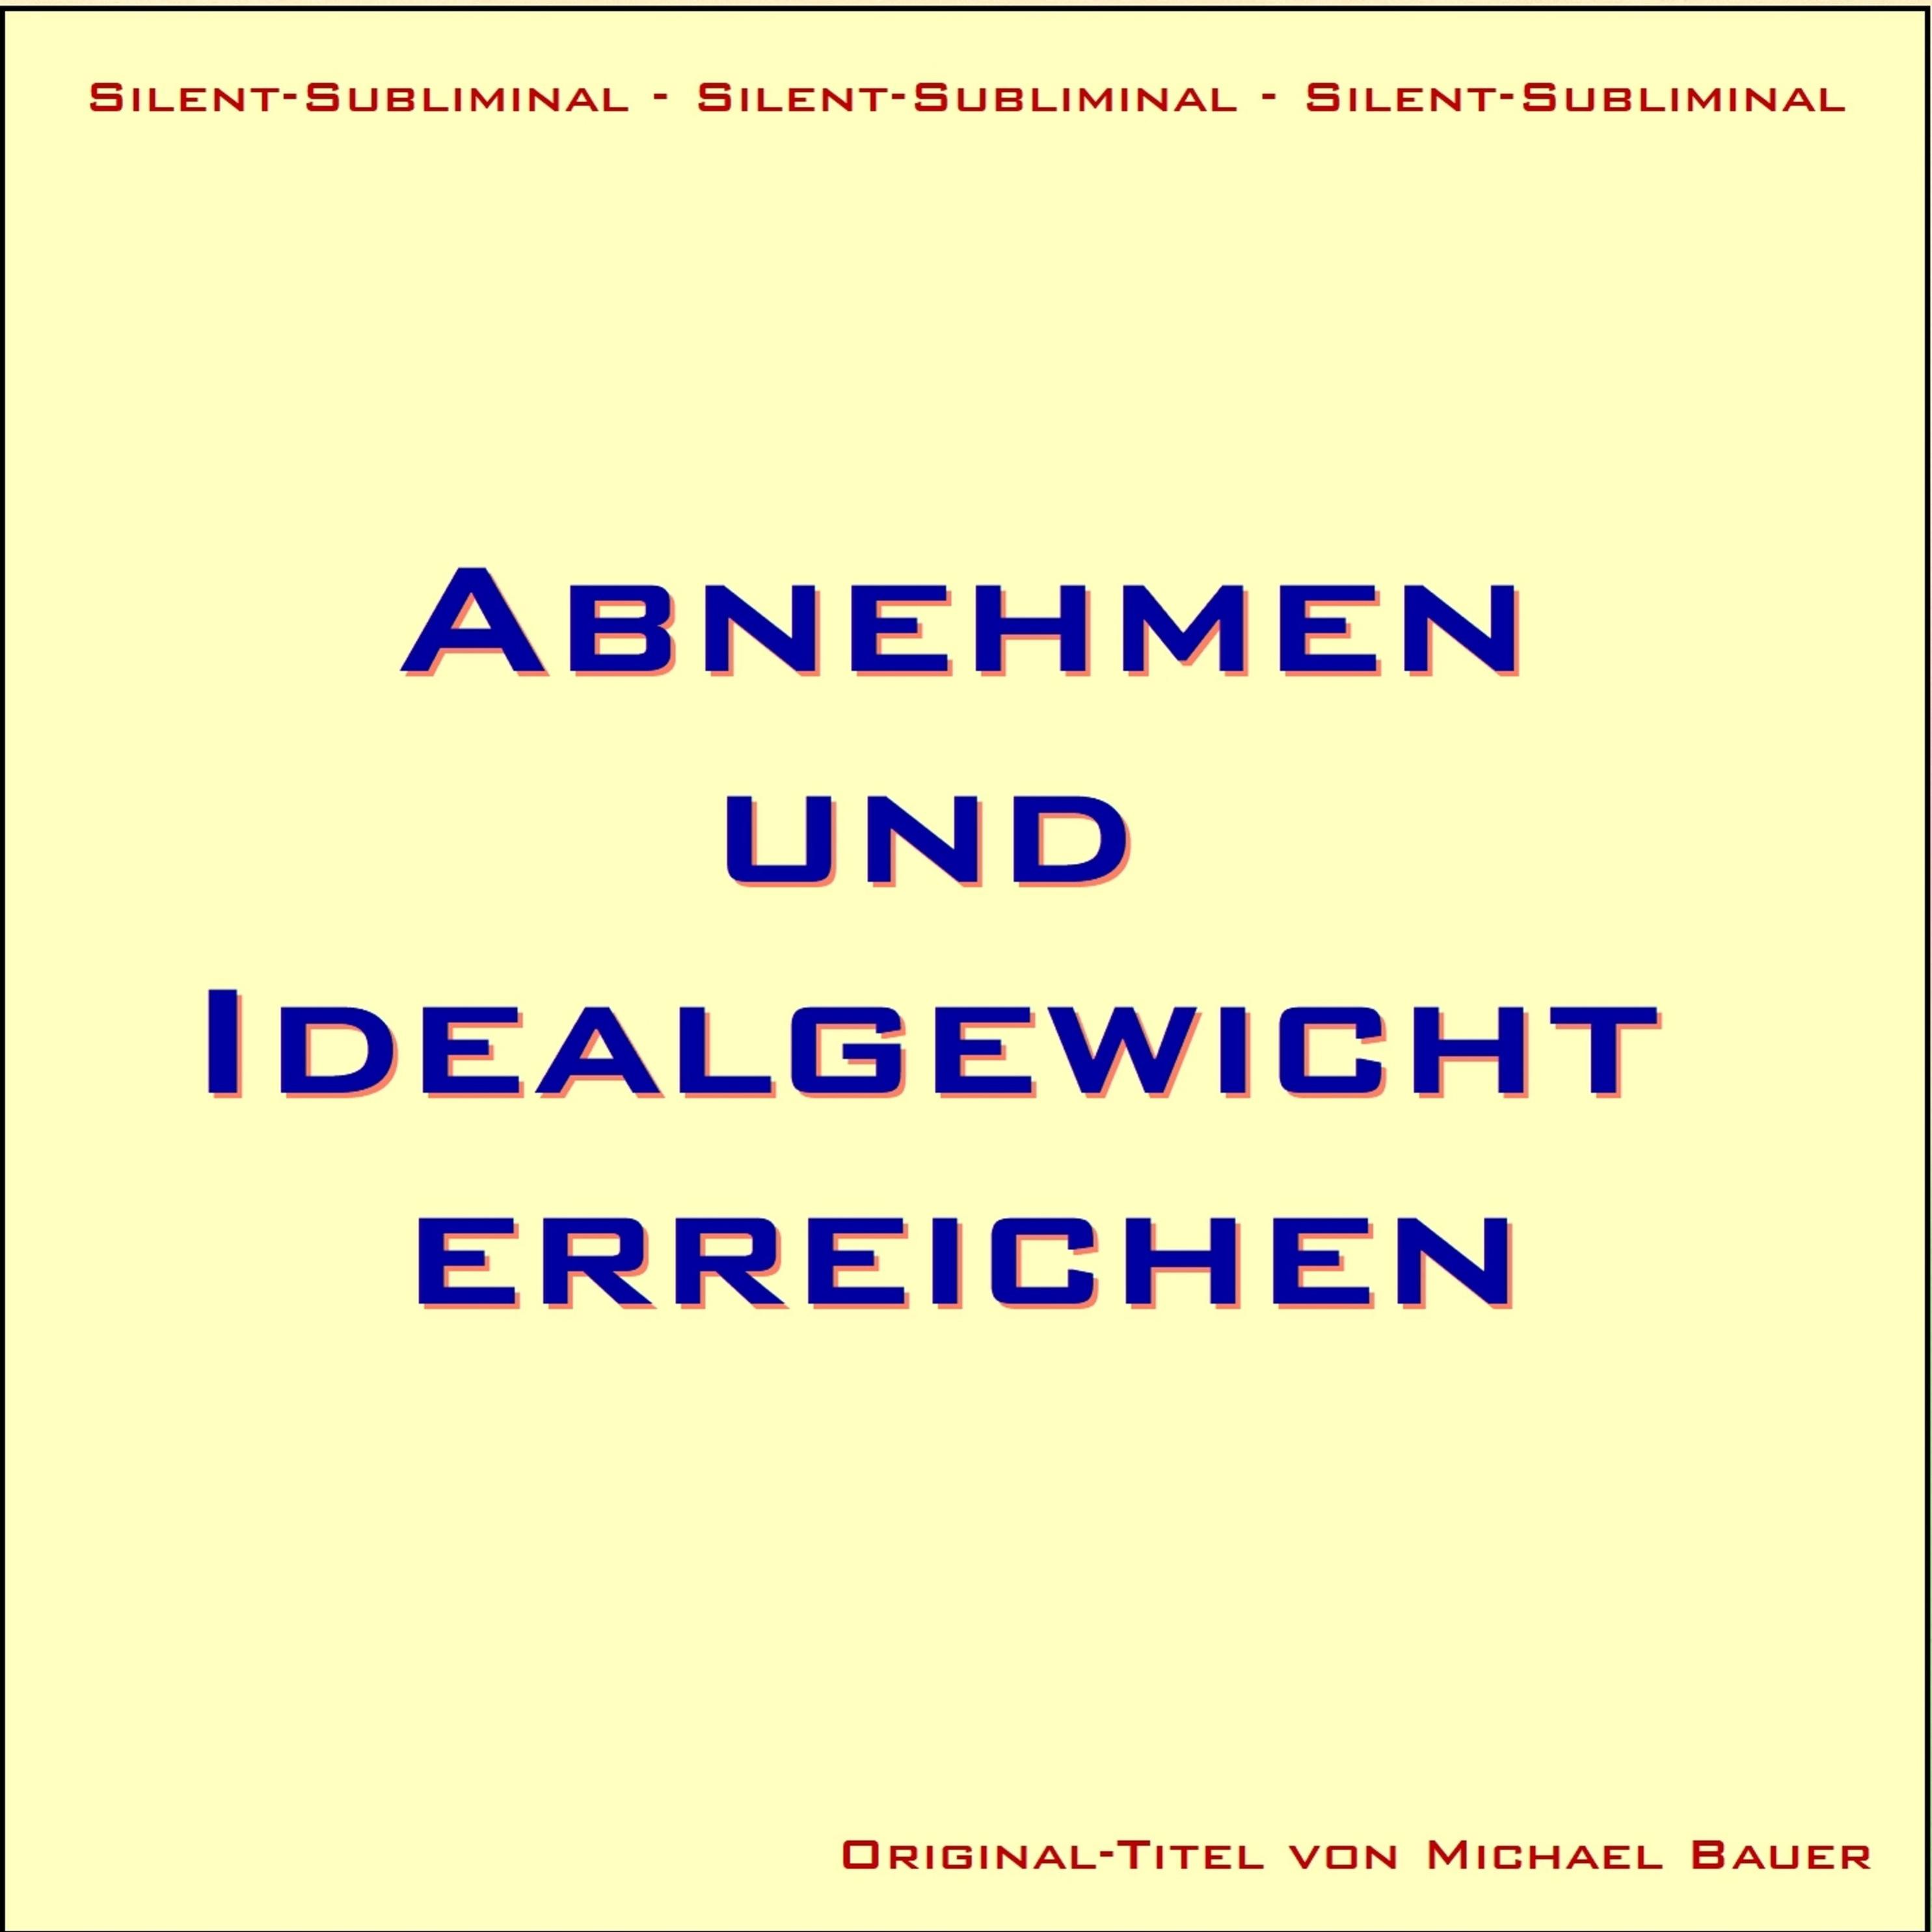 http://abnehmen-zum-idealgewicht.de